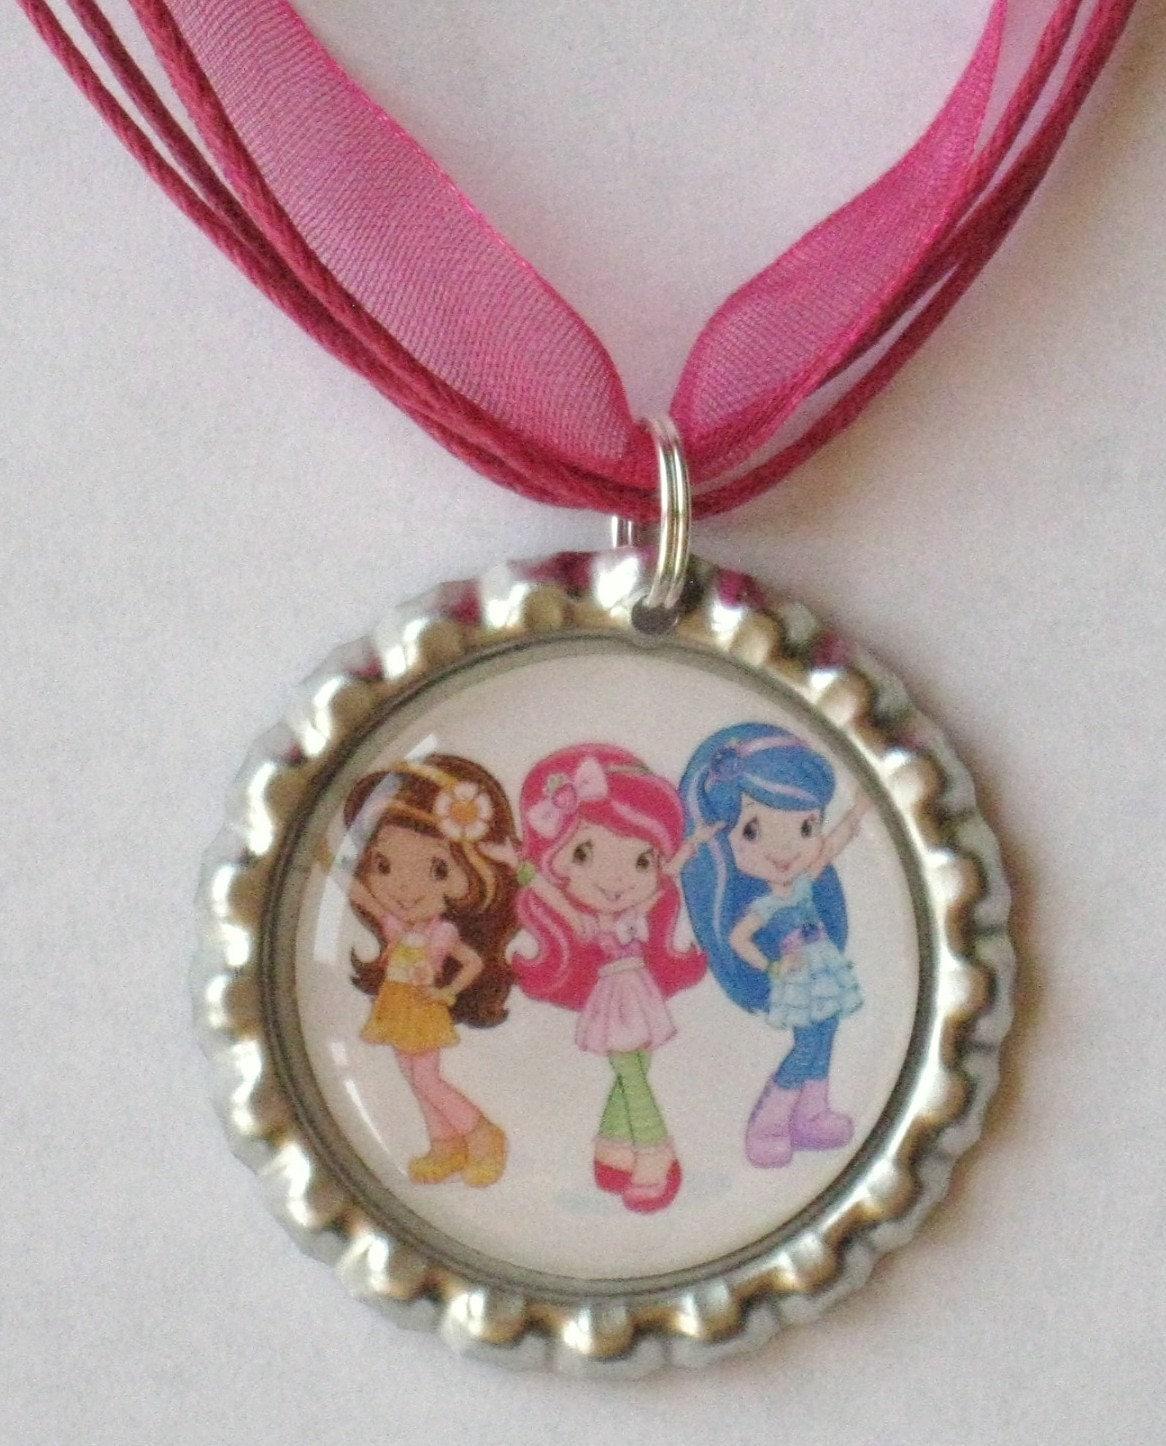 Boutique bottlecap necklace strawberry shortcake by for Strawberry shortcake necklace jewelry